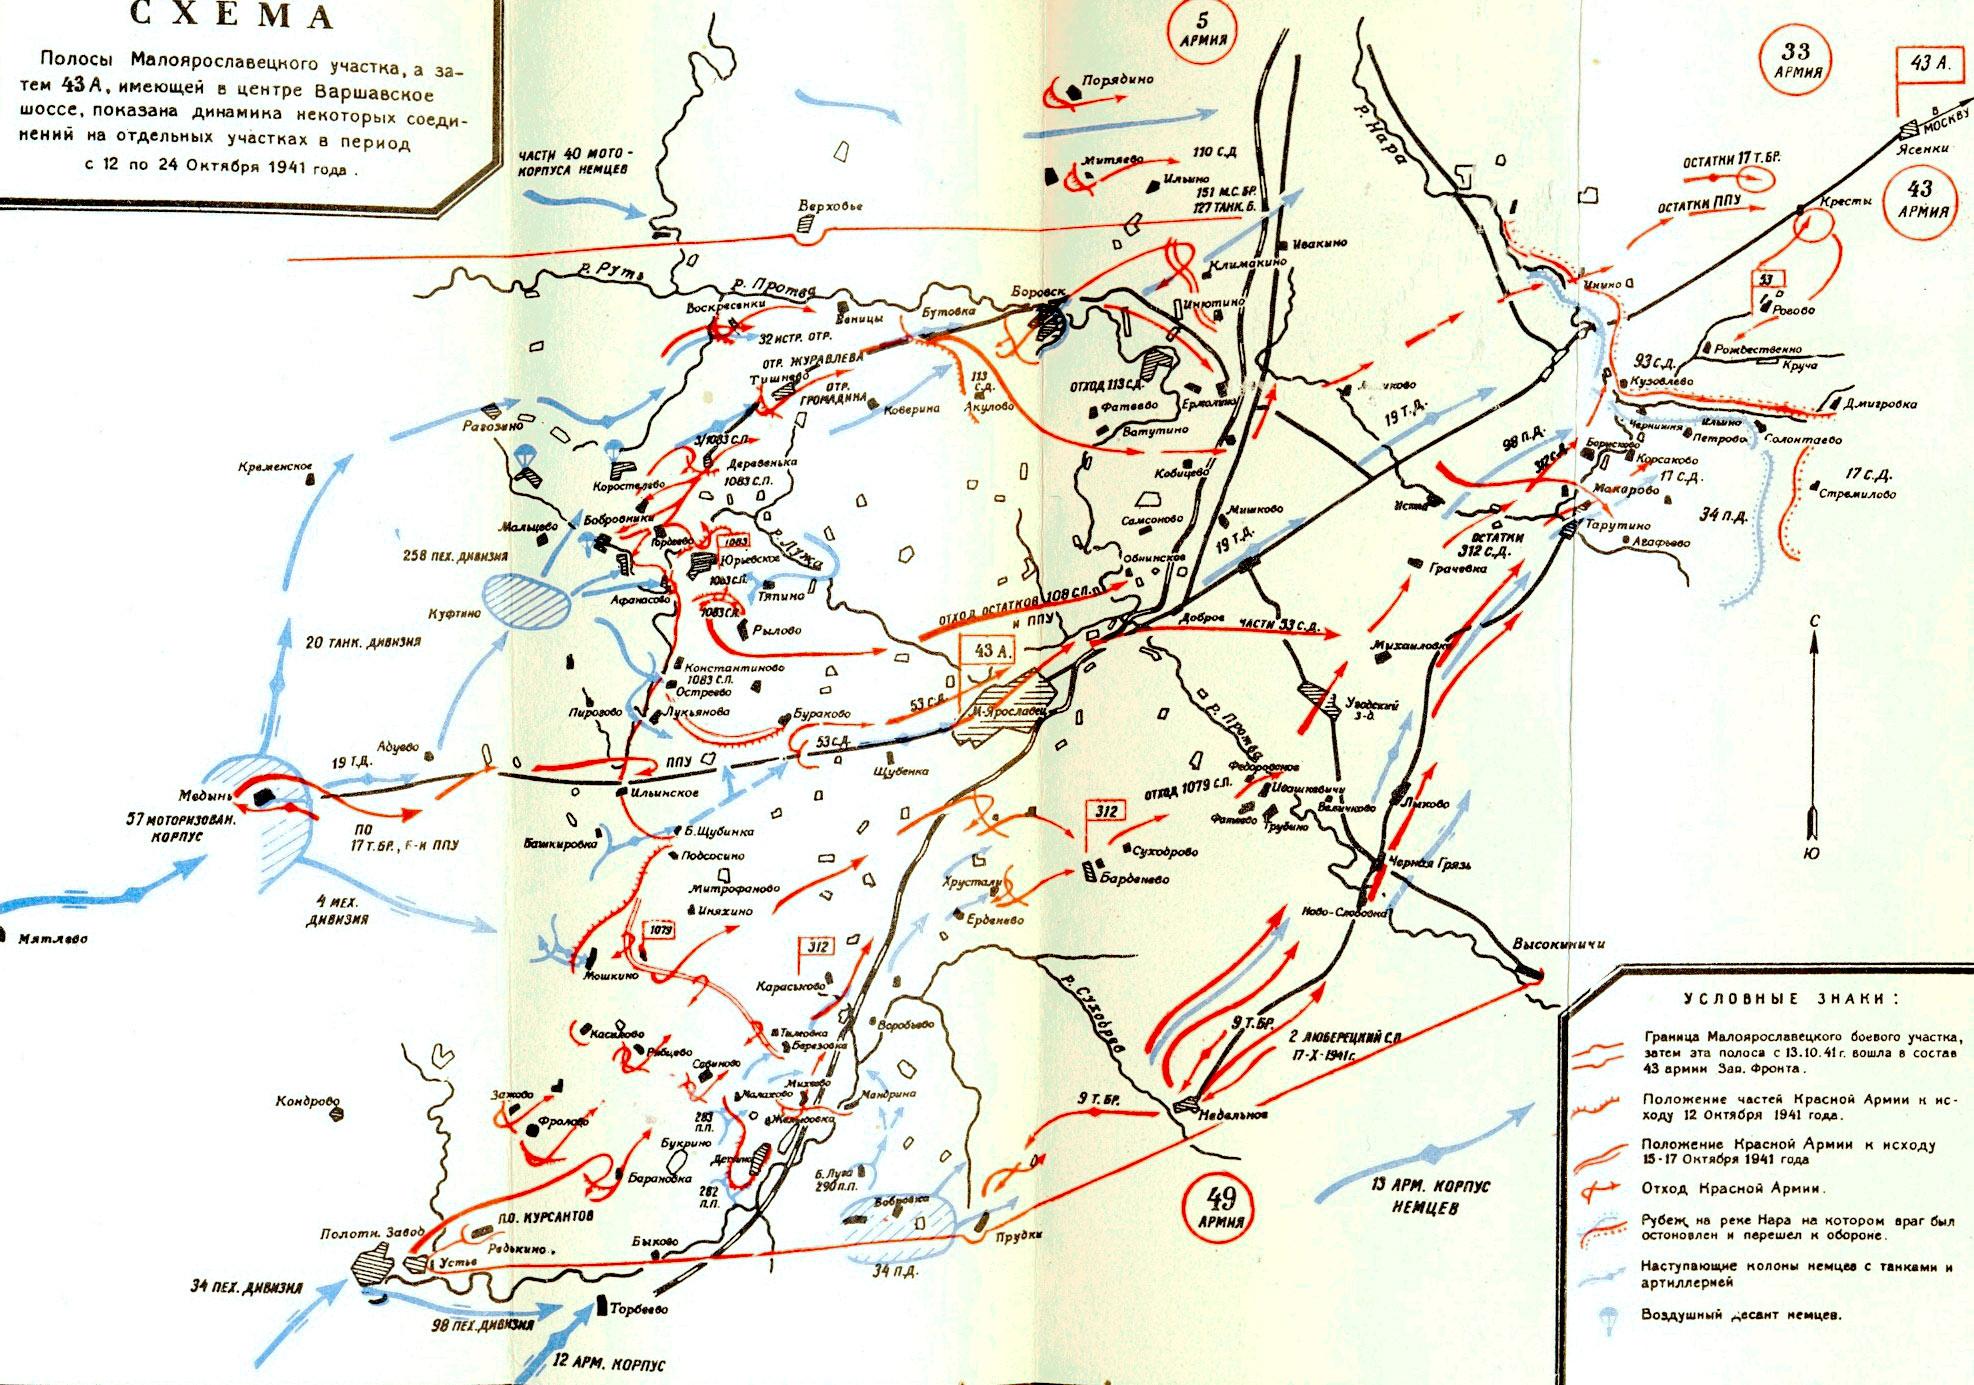 Малоярославецкий укреп-район и динамика перемещения отдельных частей 12-24 октября 1941.